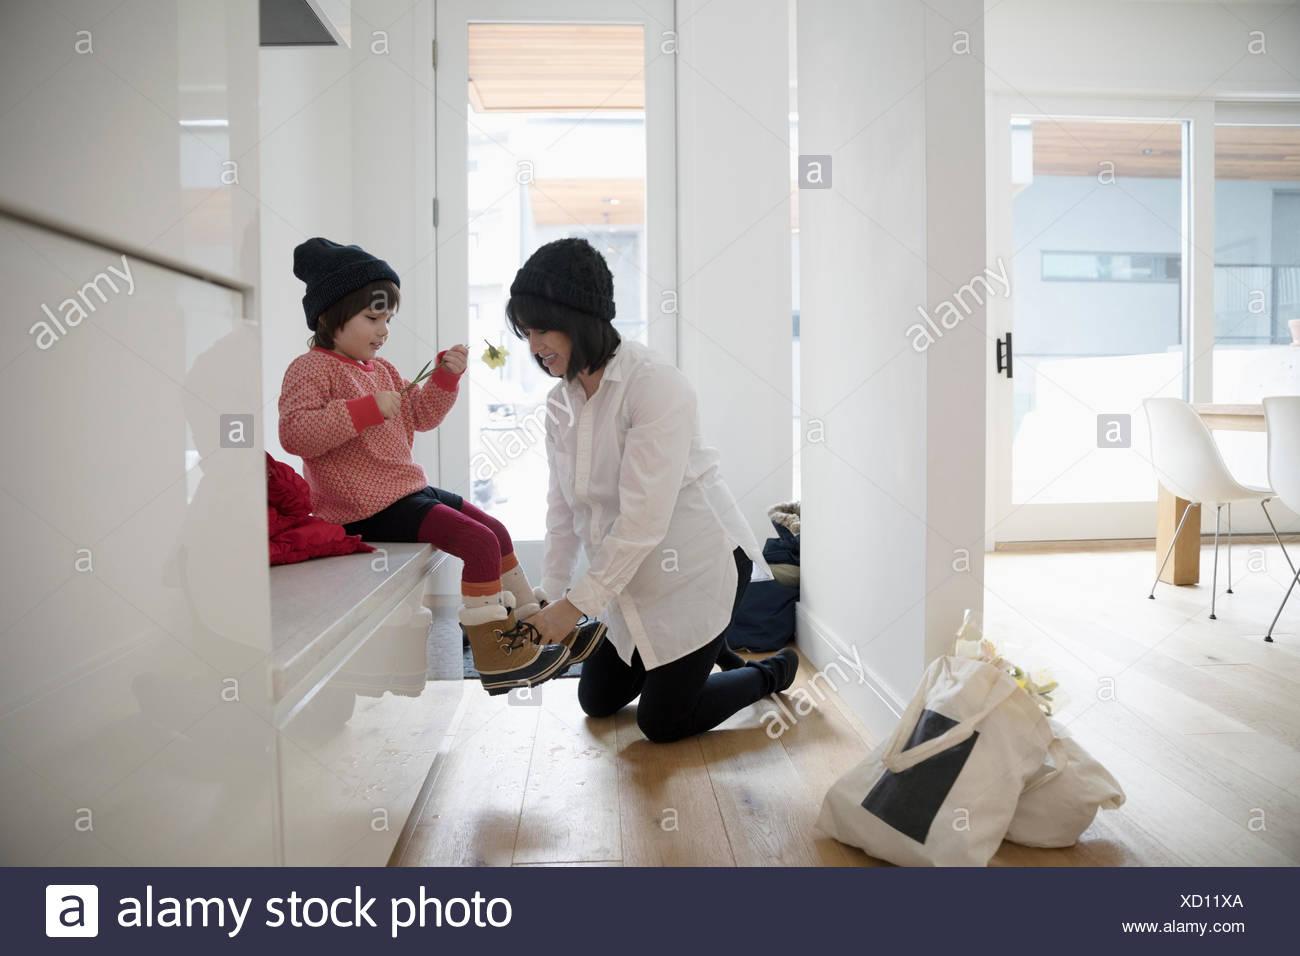 Madre embarazada poniendo las botas de niño hija Imagen De Stock